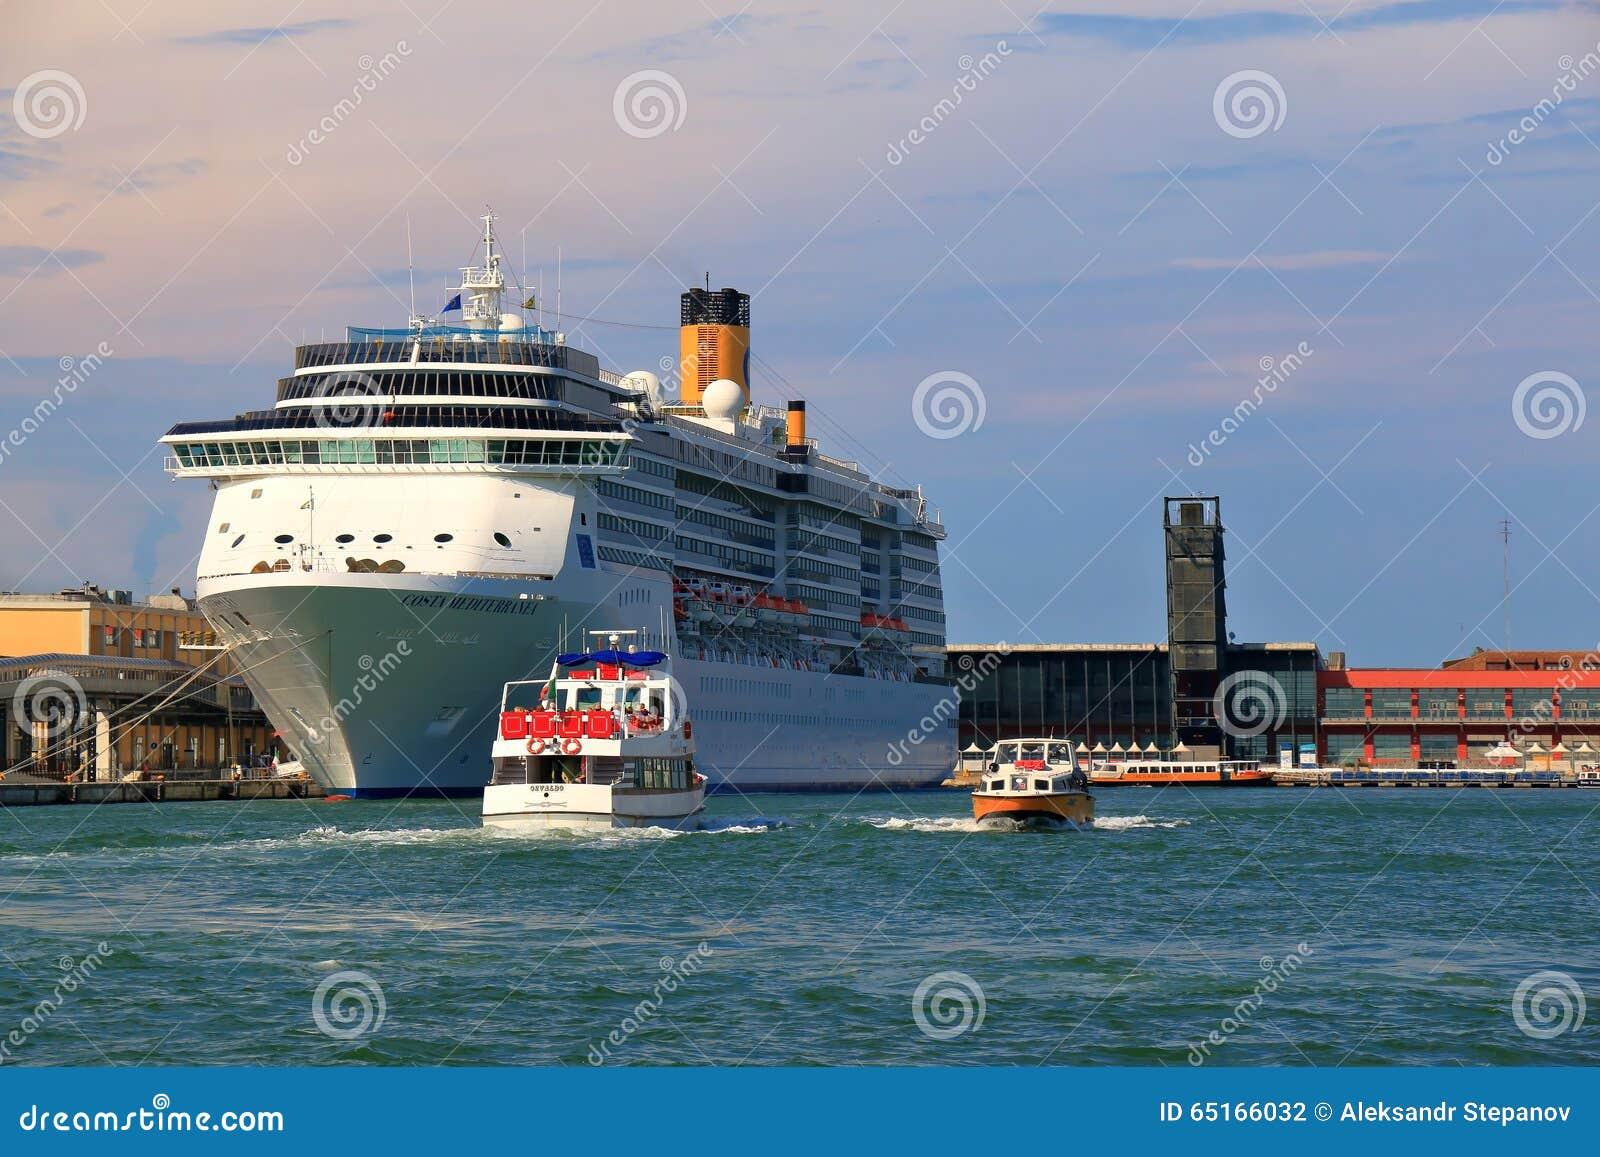 Bateau de croisi re costa mediterranea dans le port de venise italie photographie ditorial - Hotel venise port croisiere ...